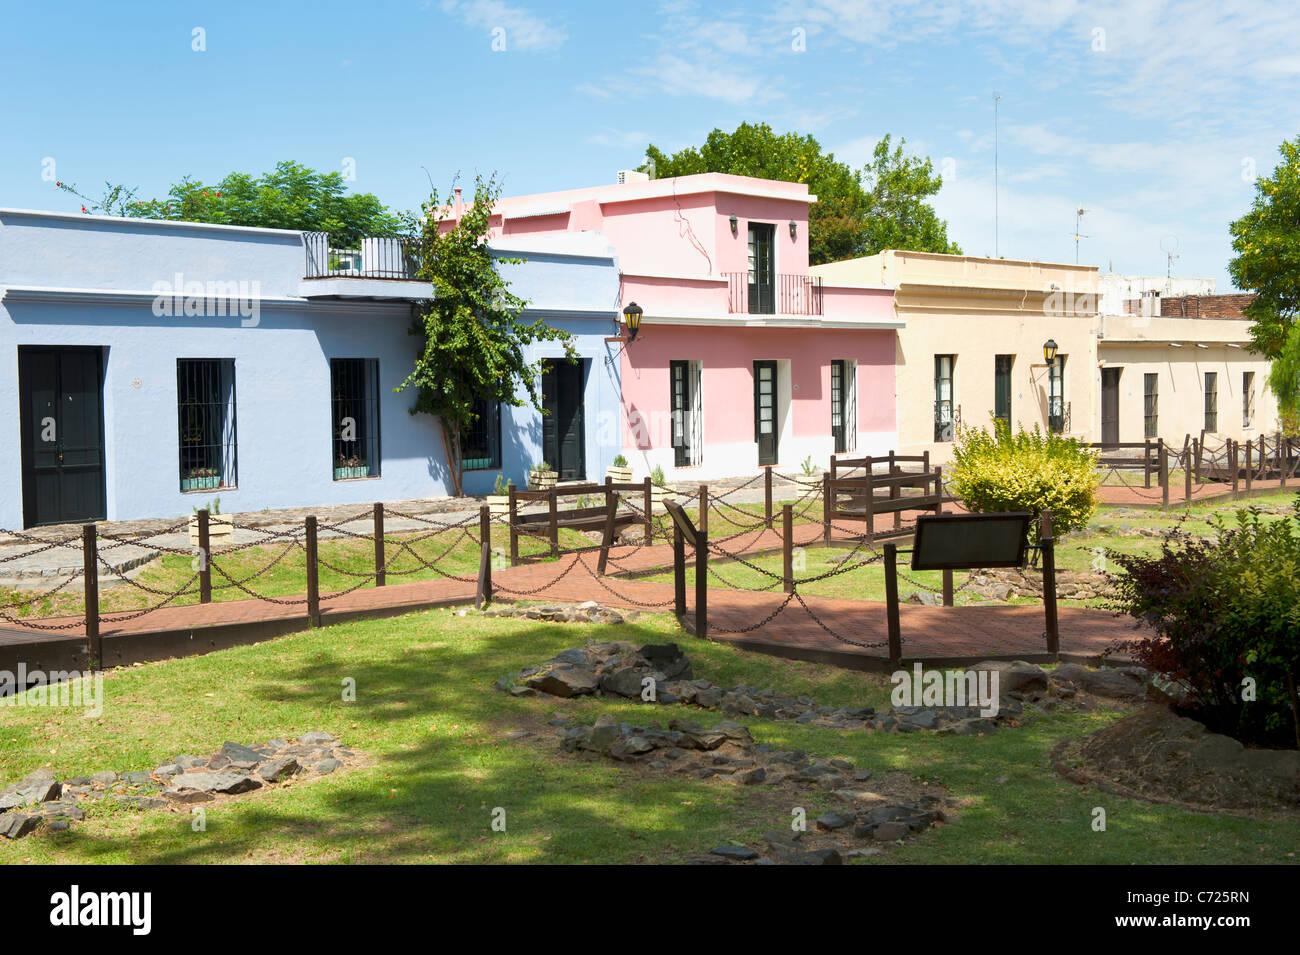 Colonia del Sacramento, Ciudad Vieja, Uruguay Imagen De Stock